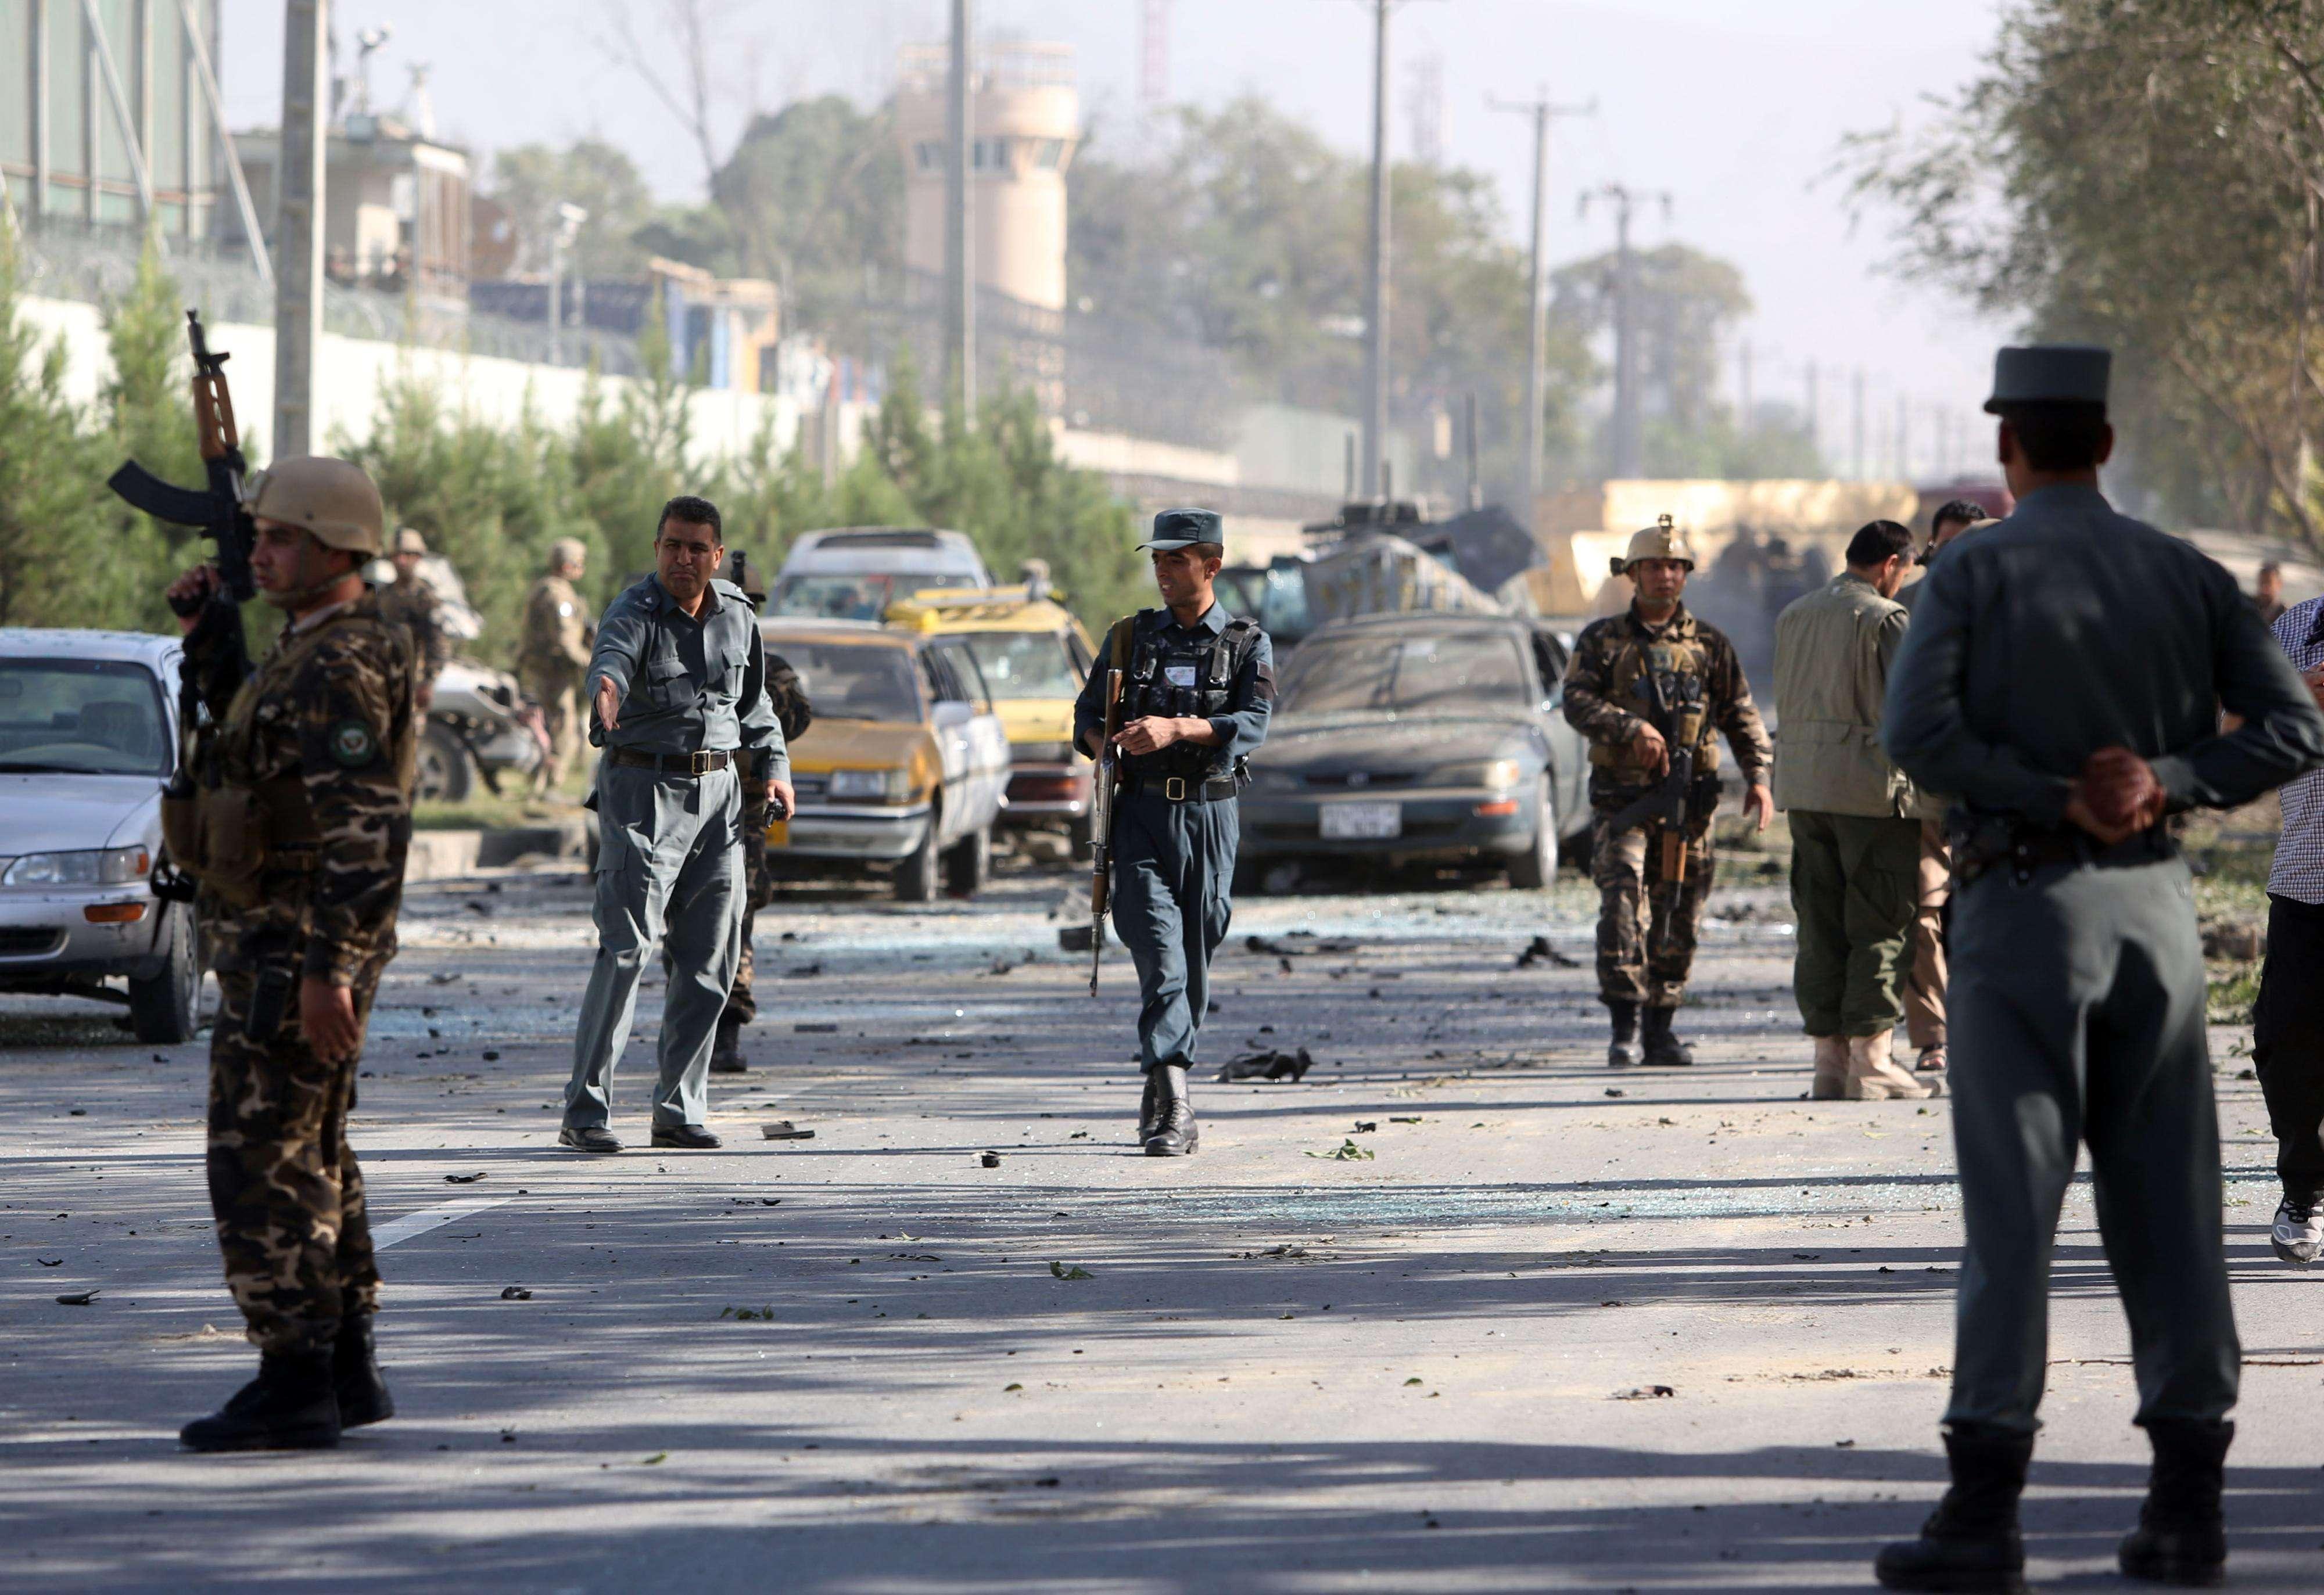 Un talibán suicida con coche bomba atacó una caravana extranjera cerca de la Embajada de Estados Unidos en Kabul, Afganistán desatando una explosión que hirió al menos a 13 personas. Foto: AP en español